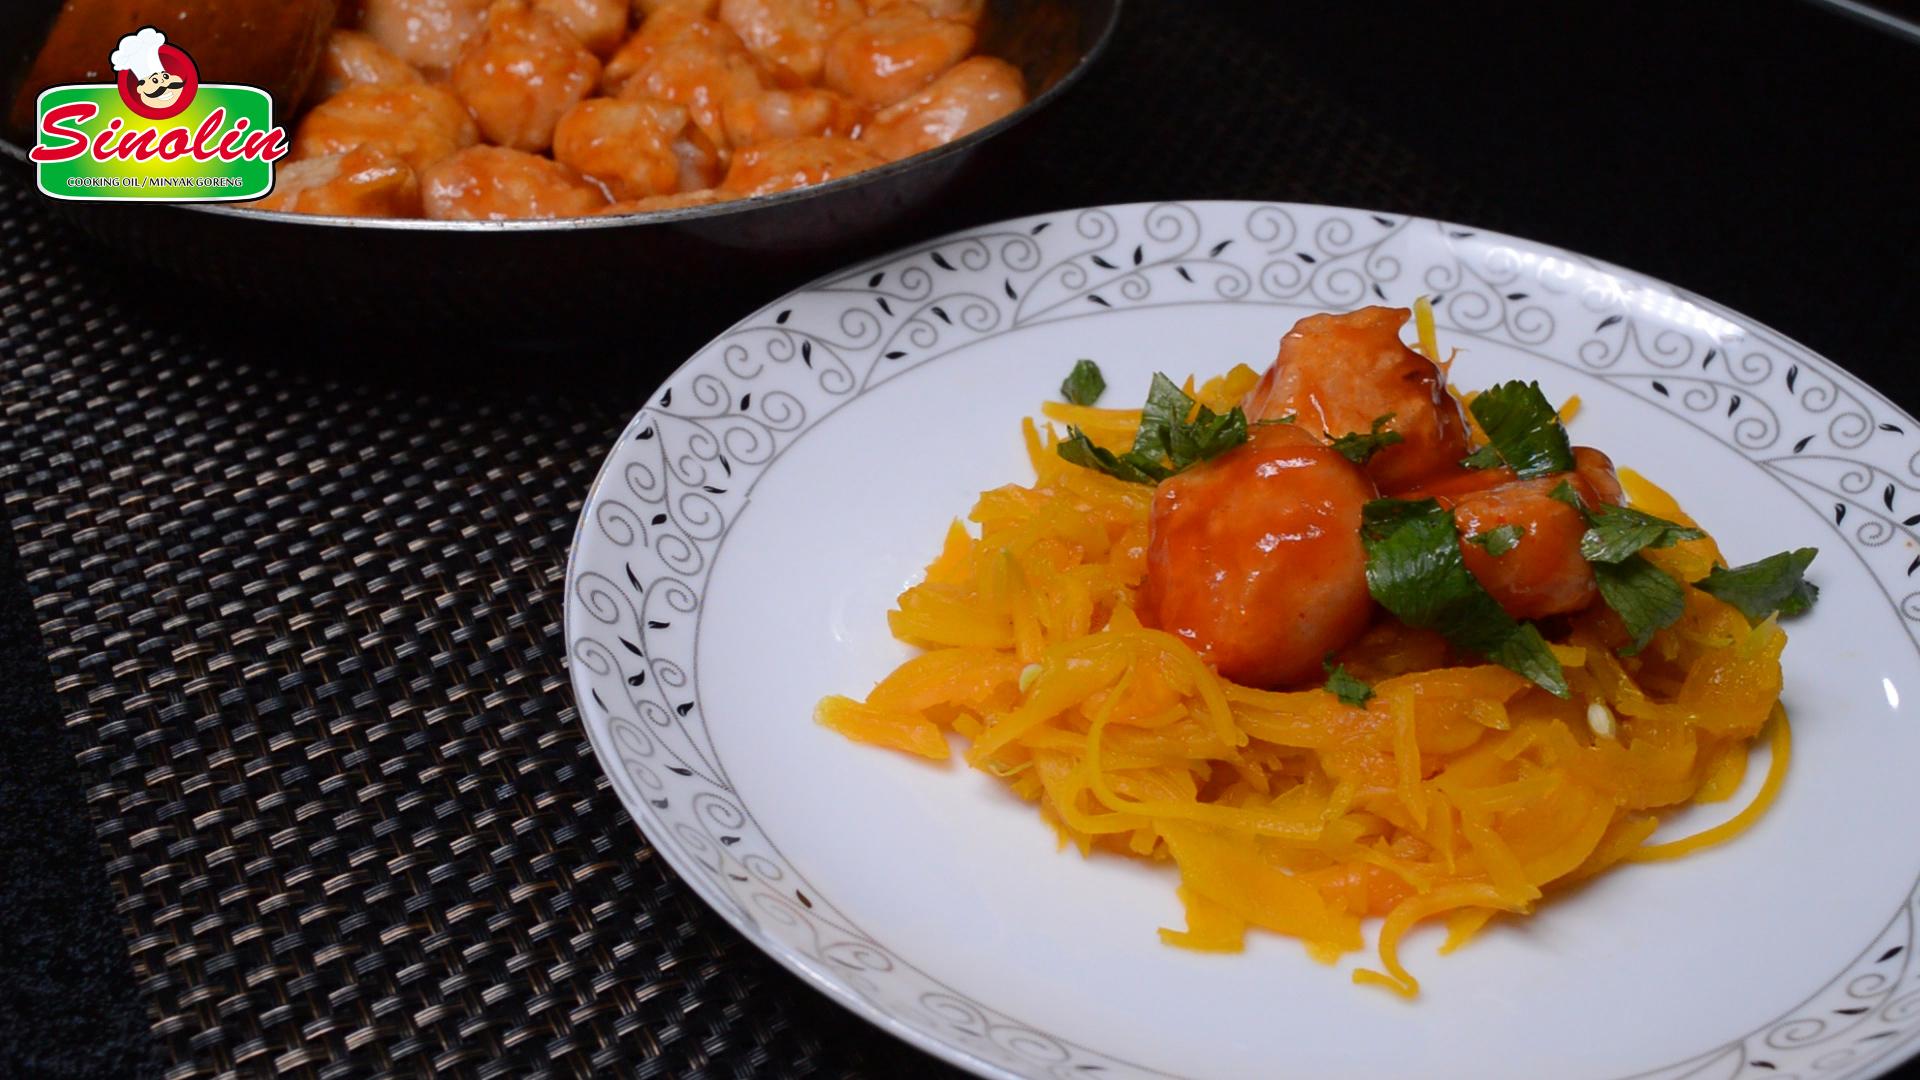 Spageti Labu dengan Bakso Ayam oleh Dapur Sinolin